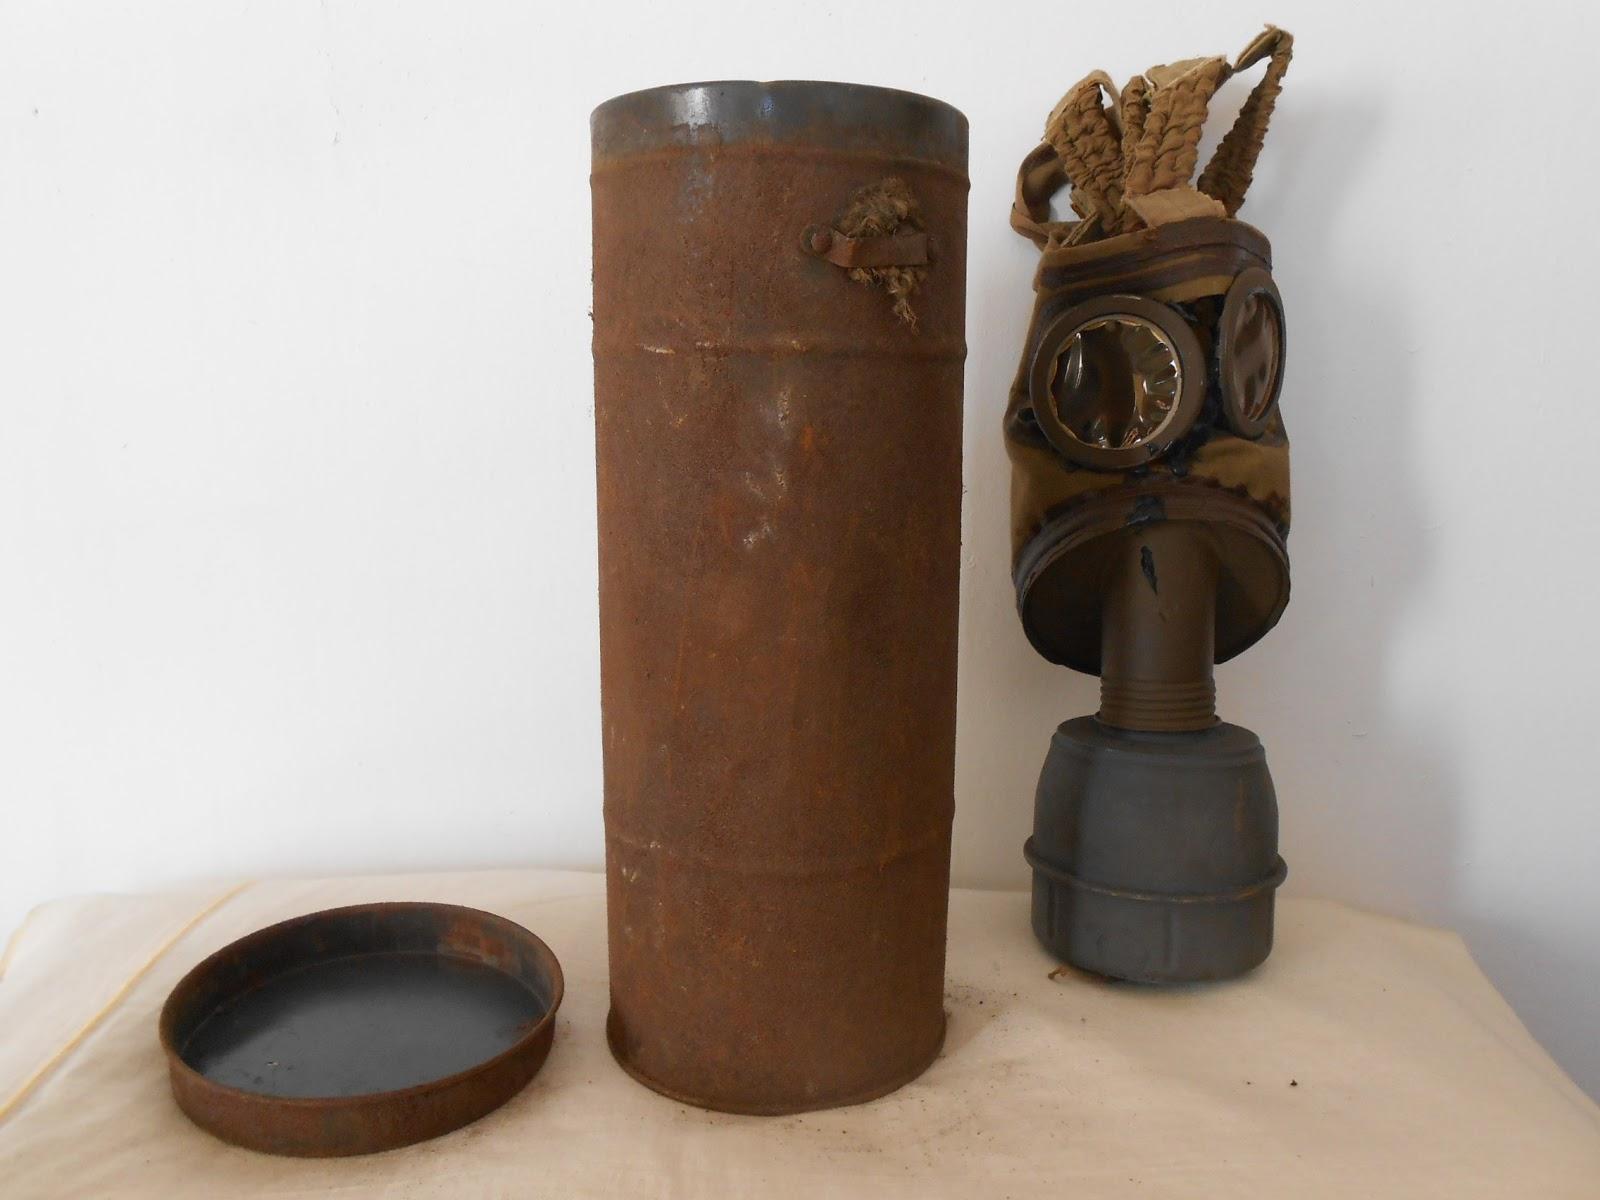 masque à gaz de la première guerre mondiale